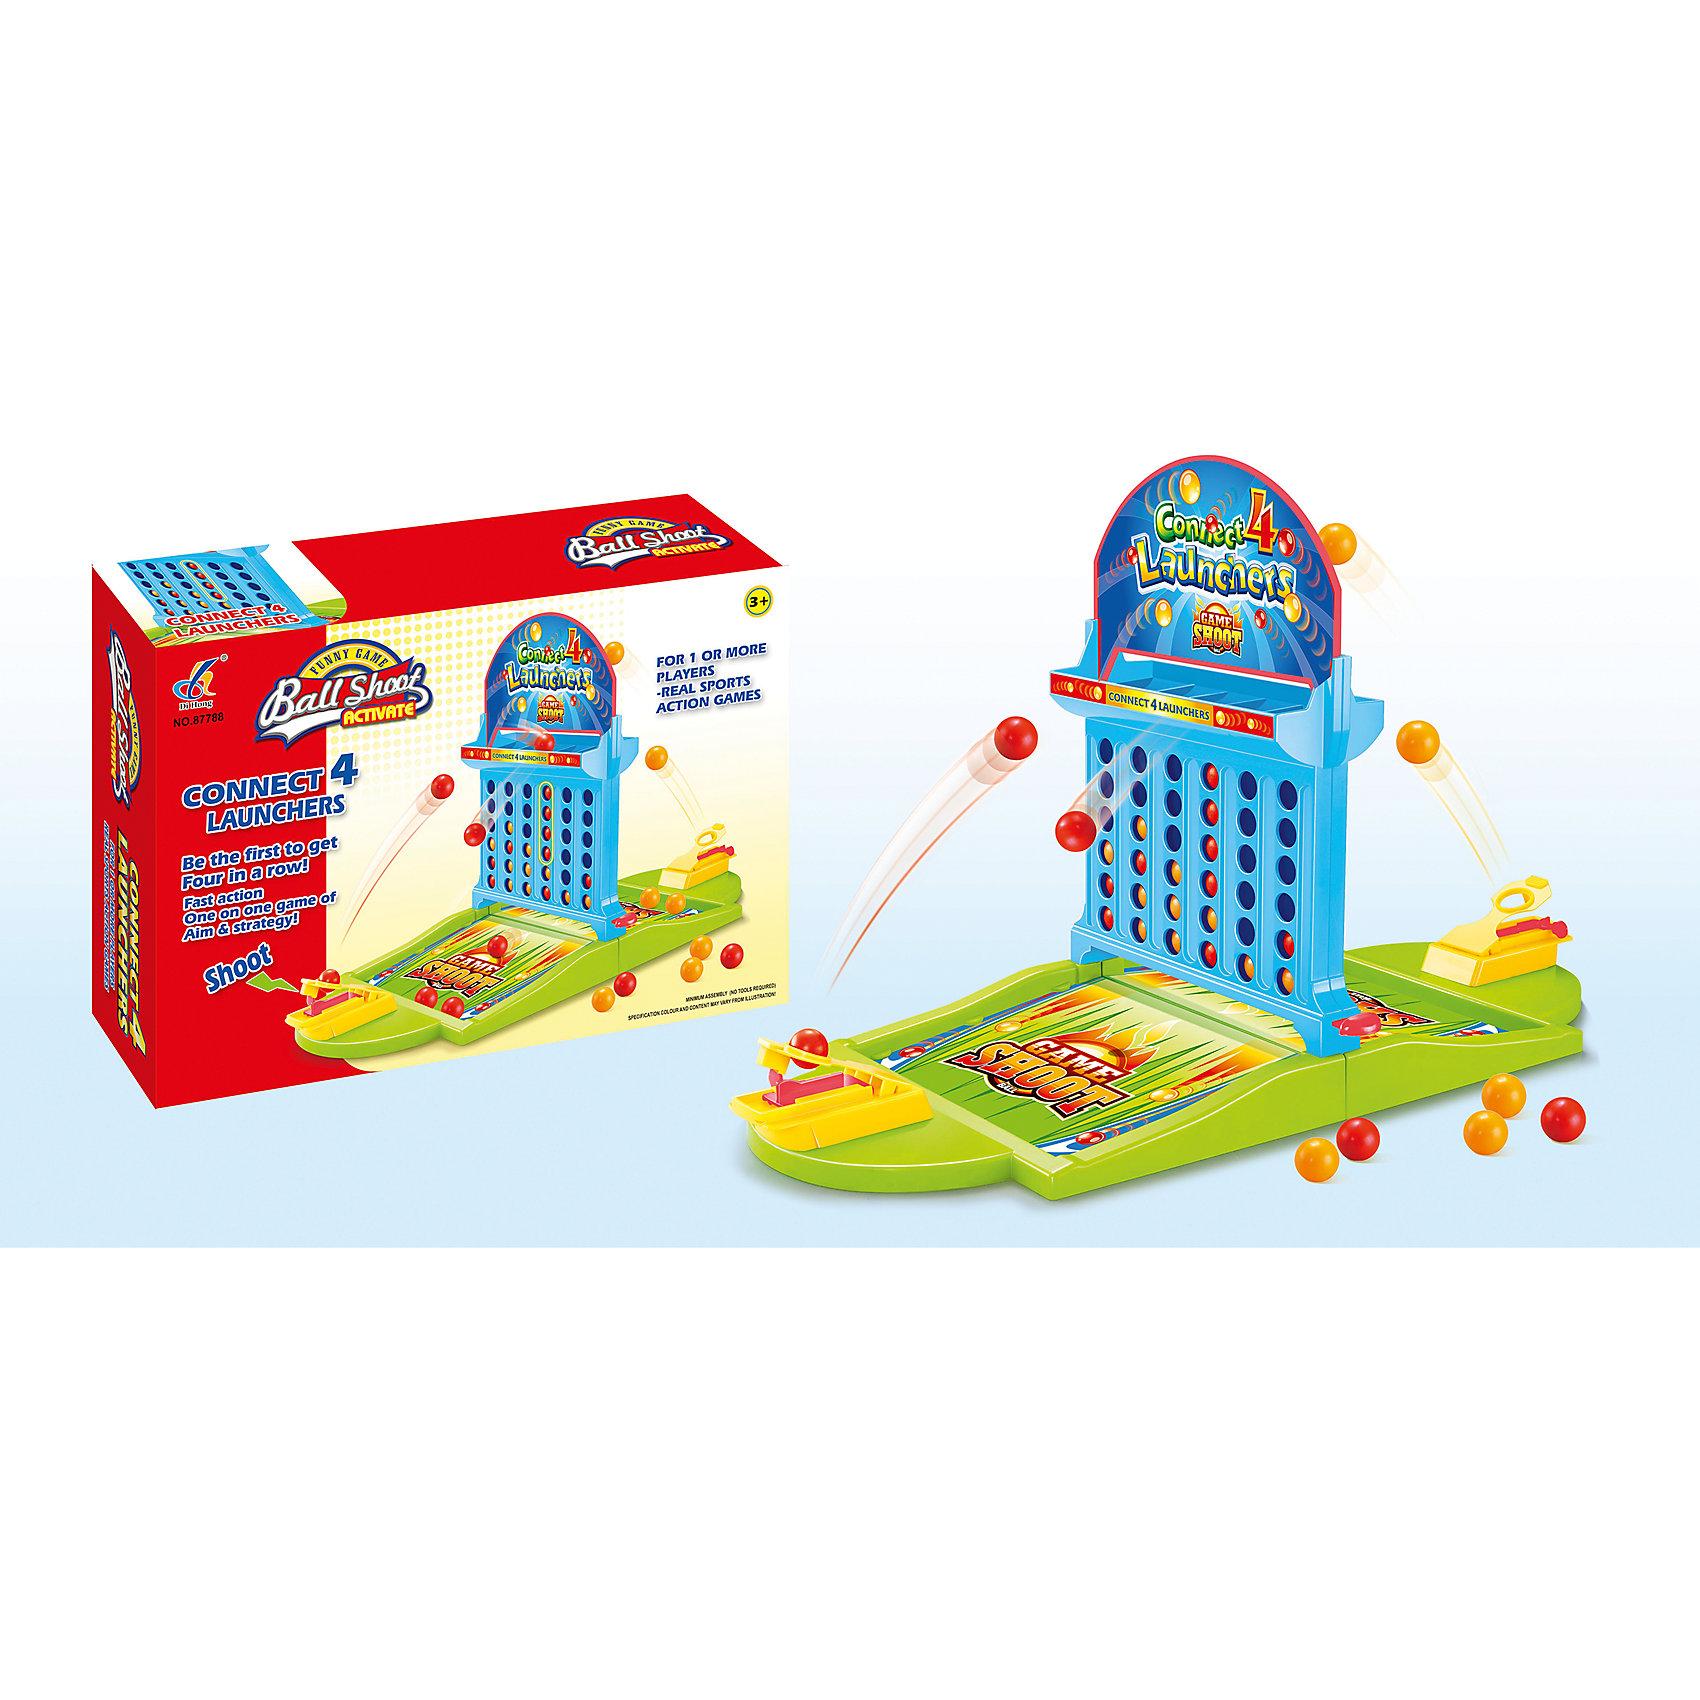 Настольная игра Четыре в рядСтратегические настольные игры<br>Настольная игра для детей от 3 лет<br>Количество игроков: 2<br>С помощью катапульты необходимо закидывать шары на игровое поле таким образом, чтобы выстроить линию из 4 одноцветных шаров<br>Побеждает игрок, который соберет больше одноцветных комбинаций<br>Игра способствует развитию логики, моторики и меткости<br><br>Ширина мм: 355<br>Глубина мм: 240<br>Высота мм: 90<br>Вес г: 9999<br>Возраст от месяцев: 36<br>Возраст до месяцев: 2147483647<br>Пол: Унисекс<br>Возраст: Детский<br>SKU: 7029051